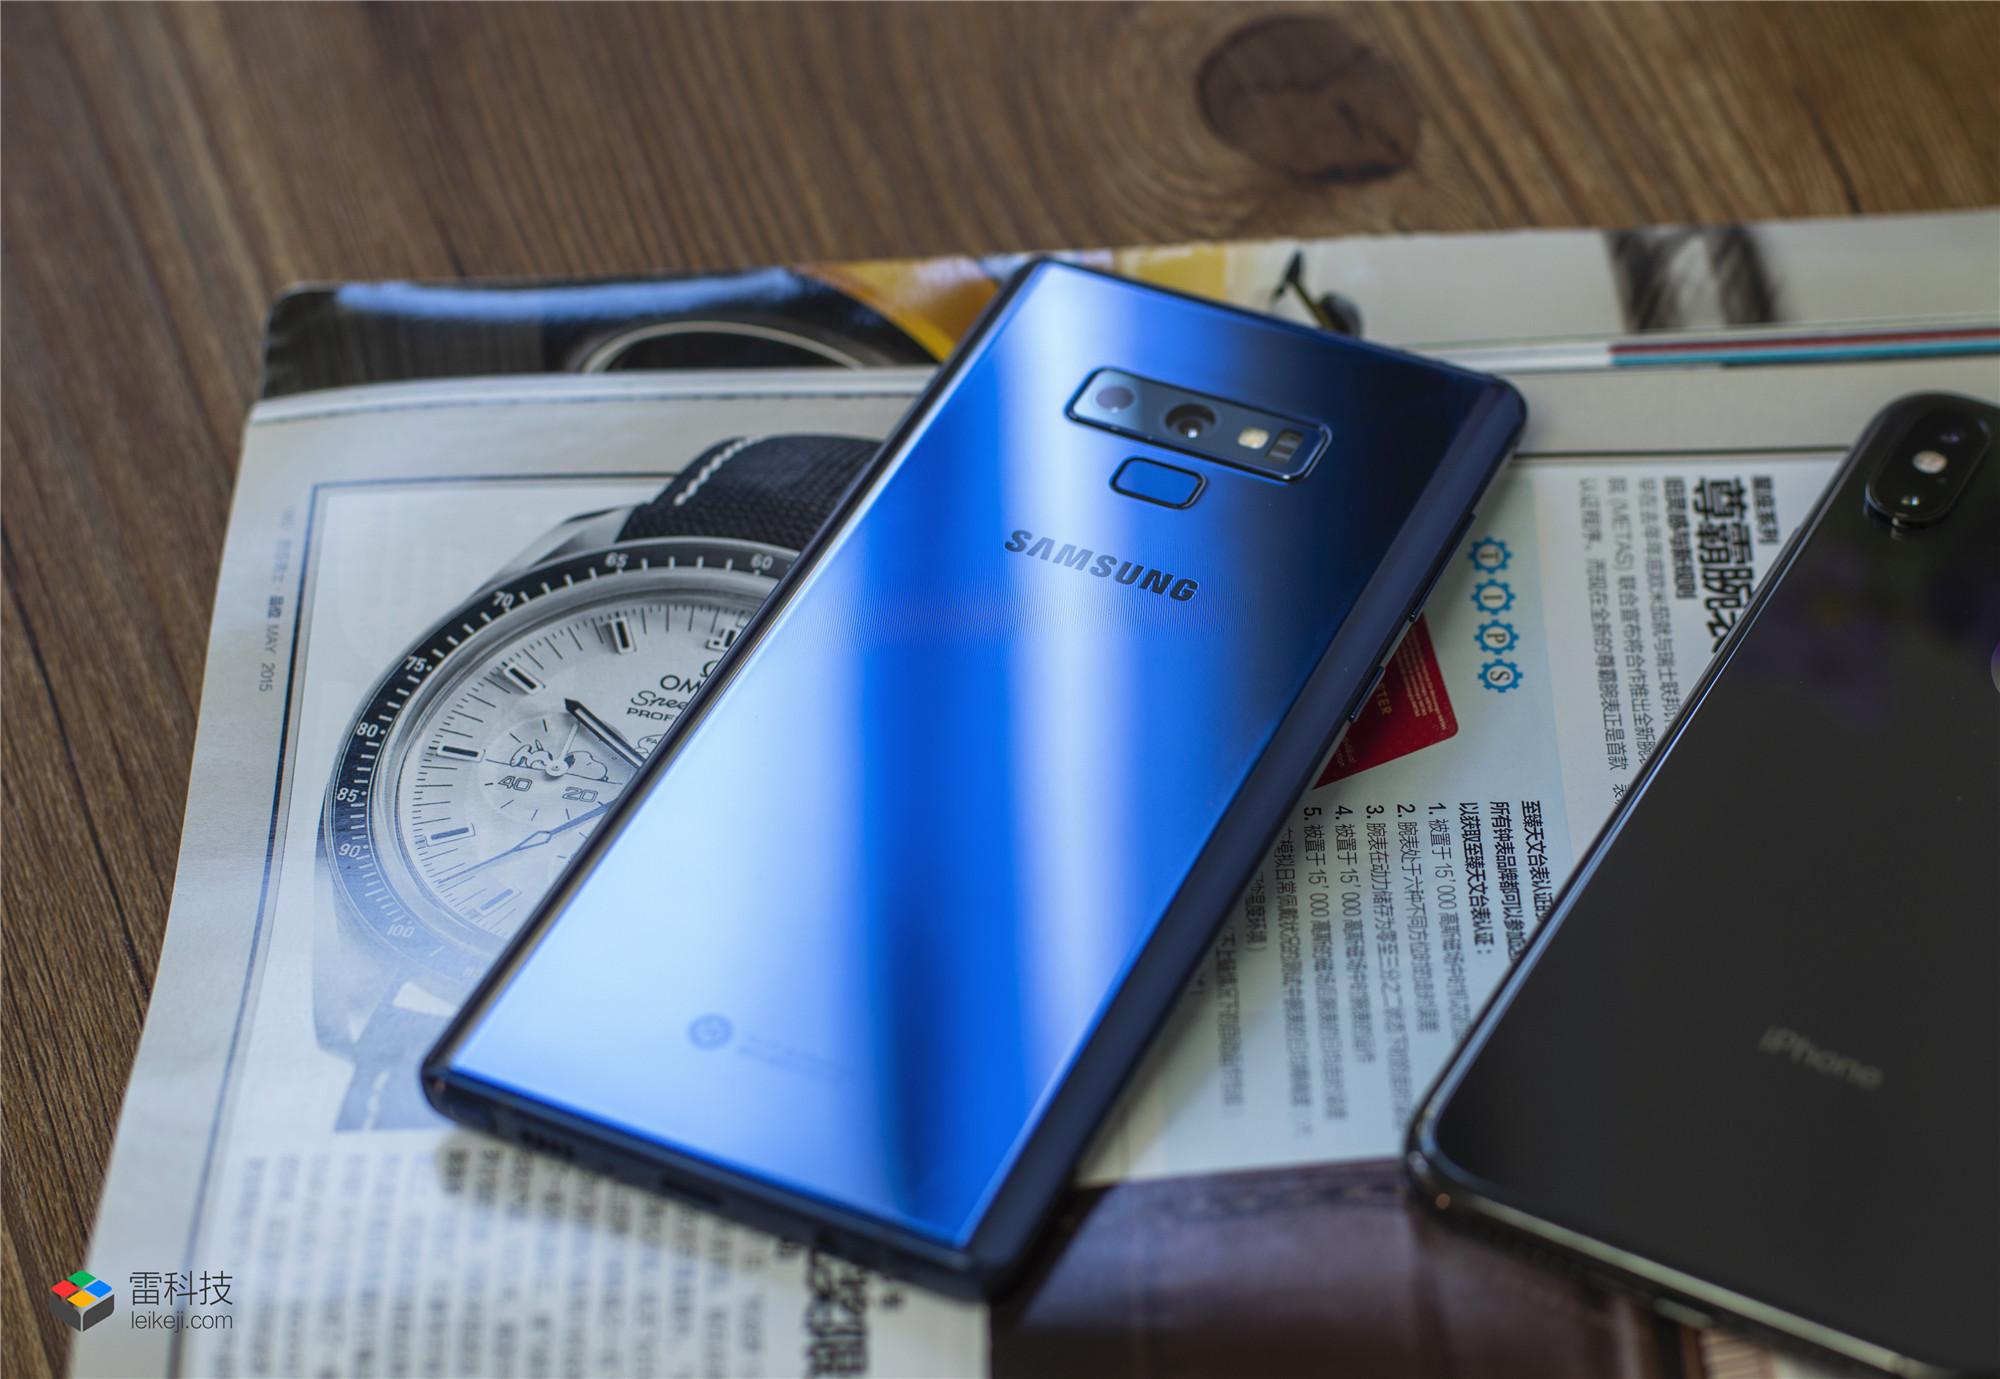 三星Galaxy Note 9代表安卓手机 迎战苹果iPhone XS Max